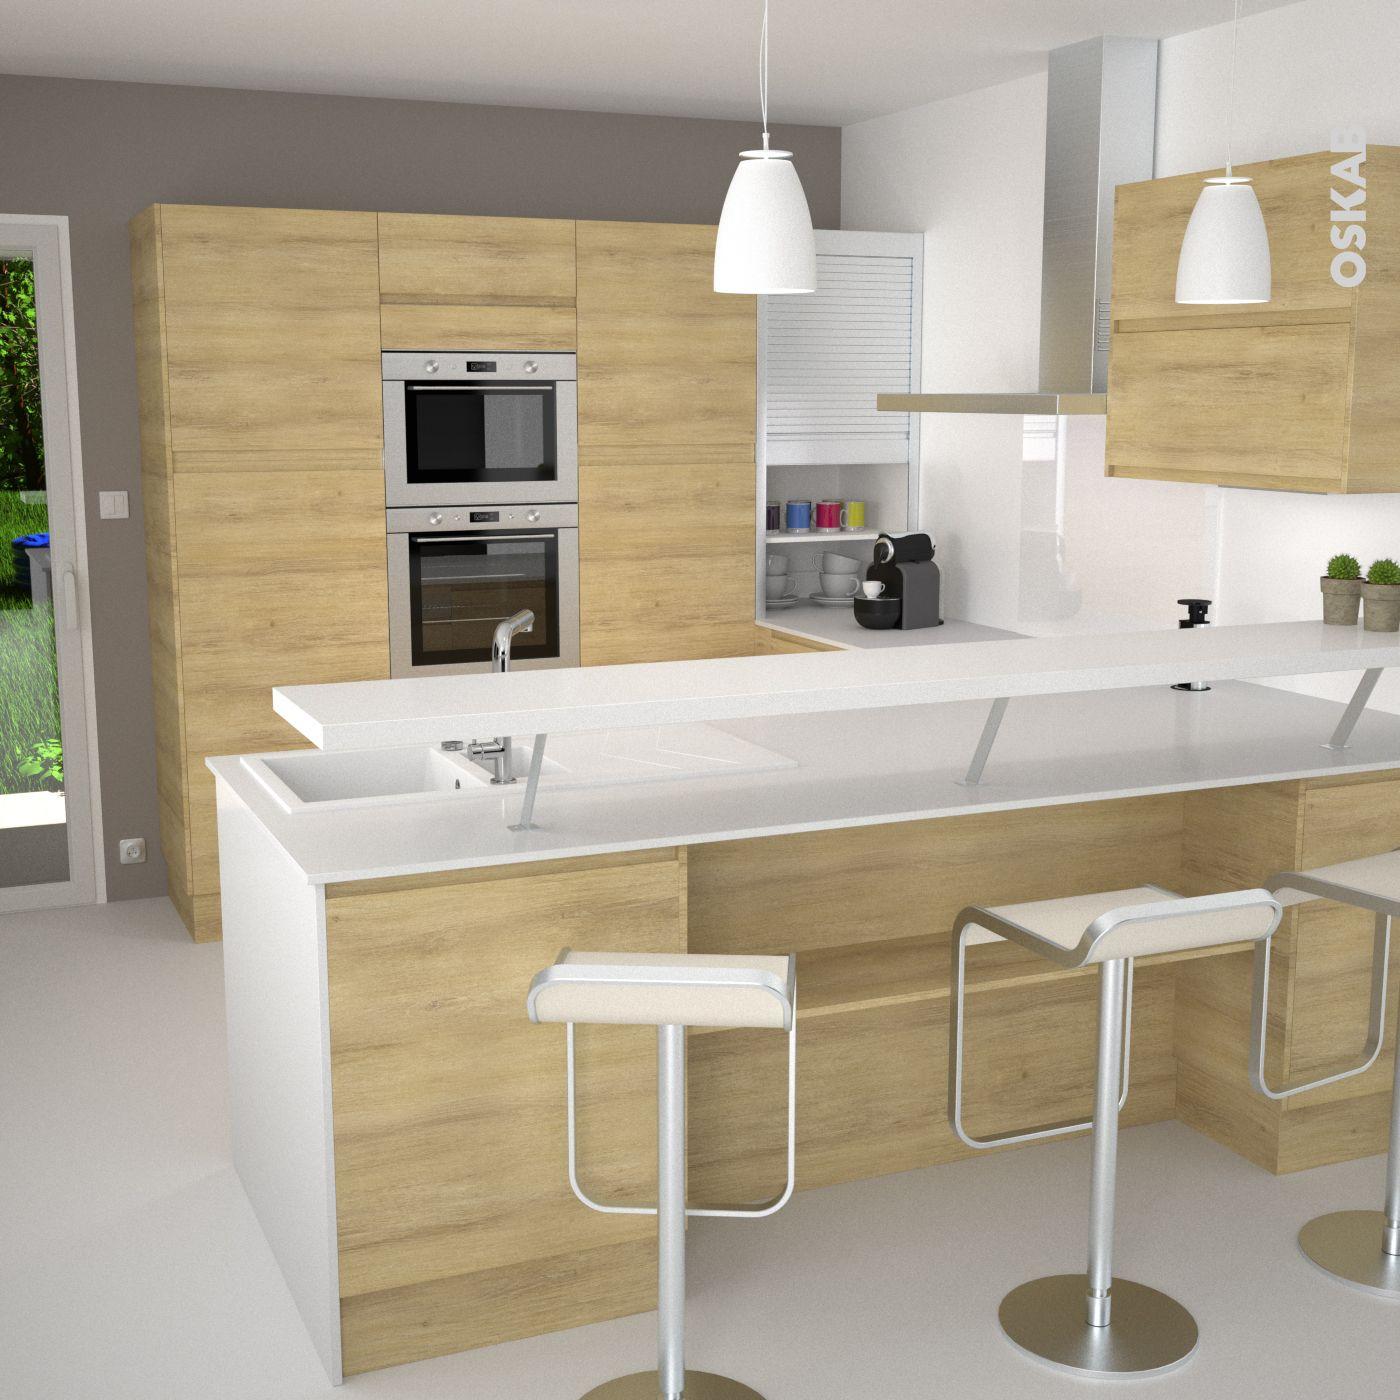 Cuisine nordique blanche et bois pur e mod le design for Cuisine en u